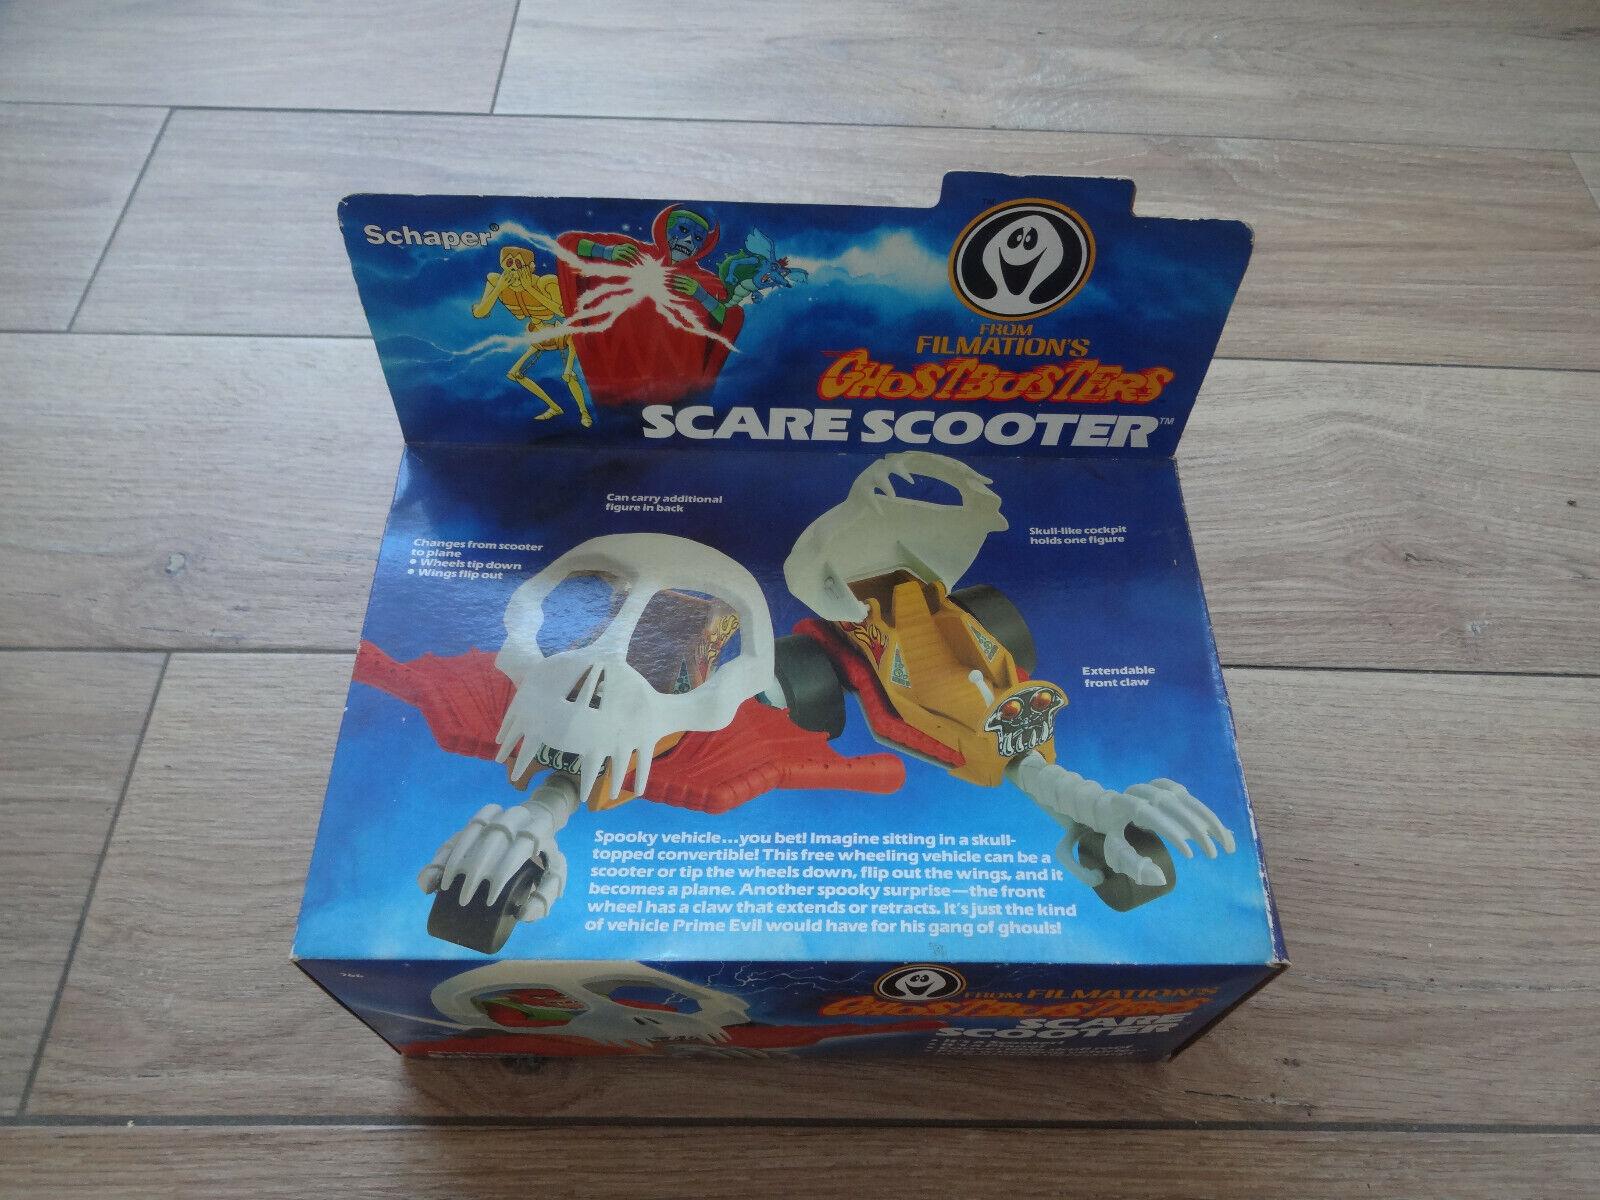 Ghostbussters skrämmer Scooter MISSB oöppnade Schaper verkan Figur från 80-talet Leksaker